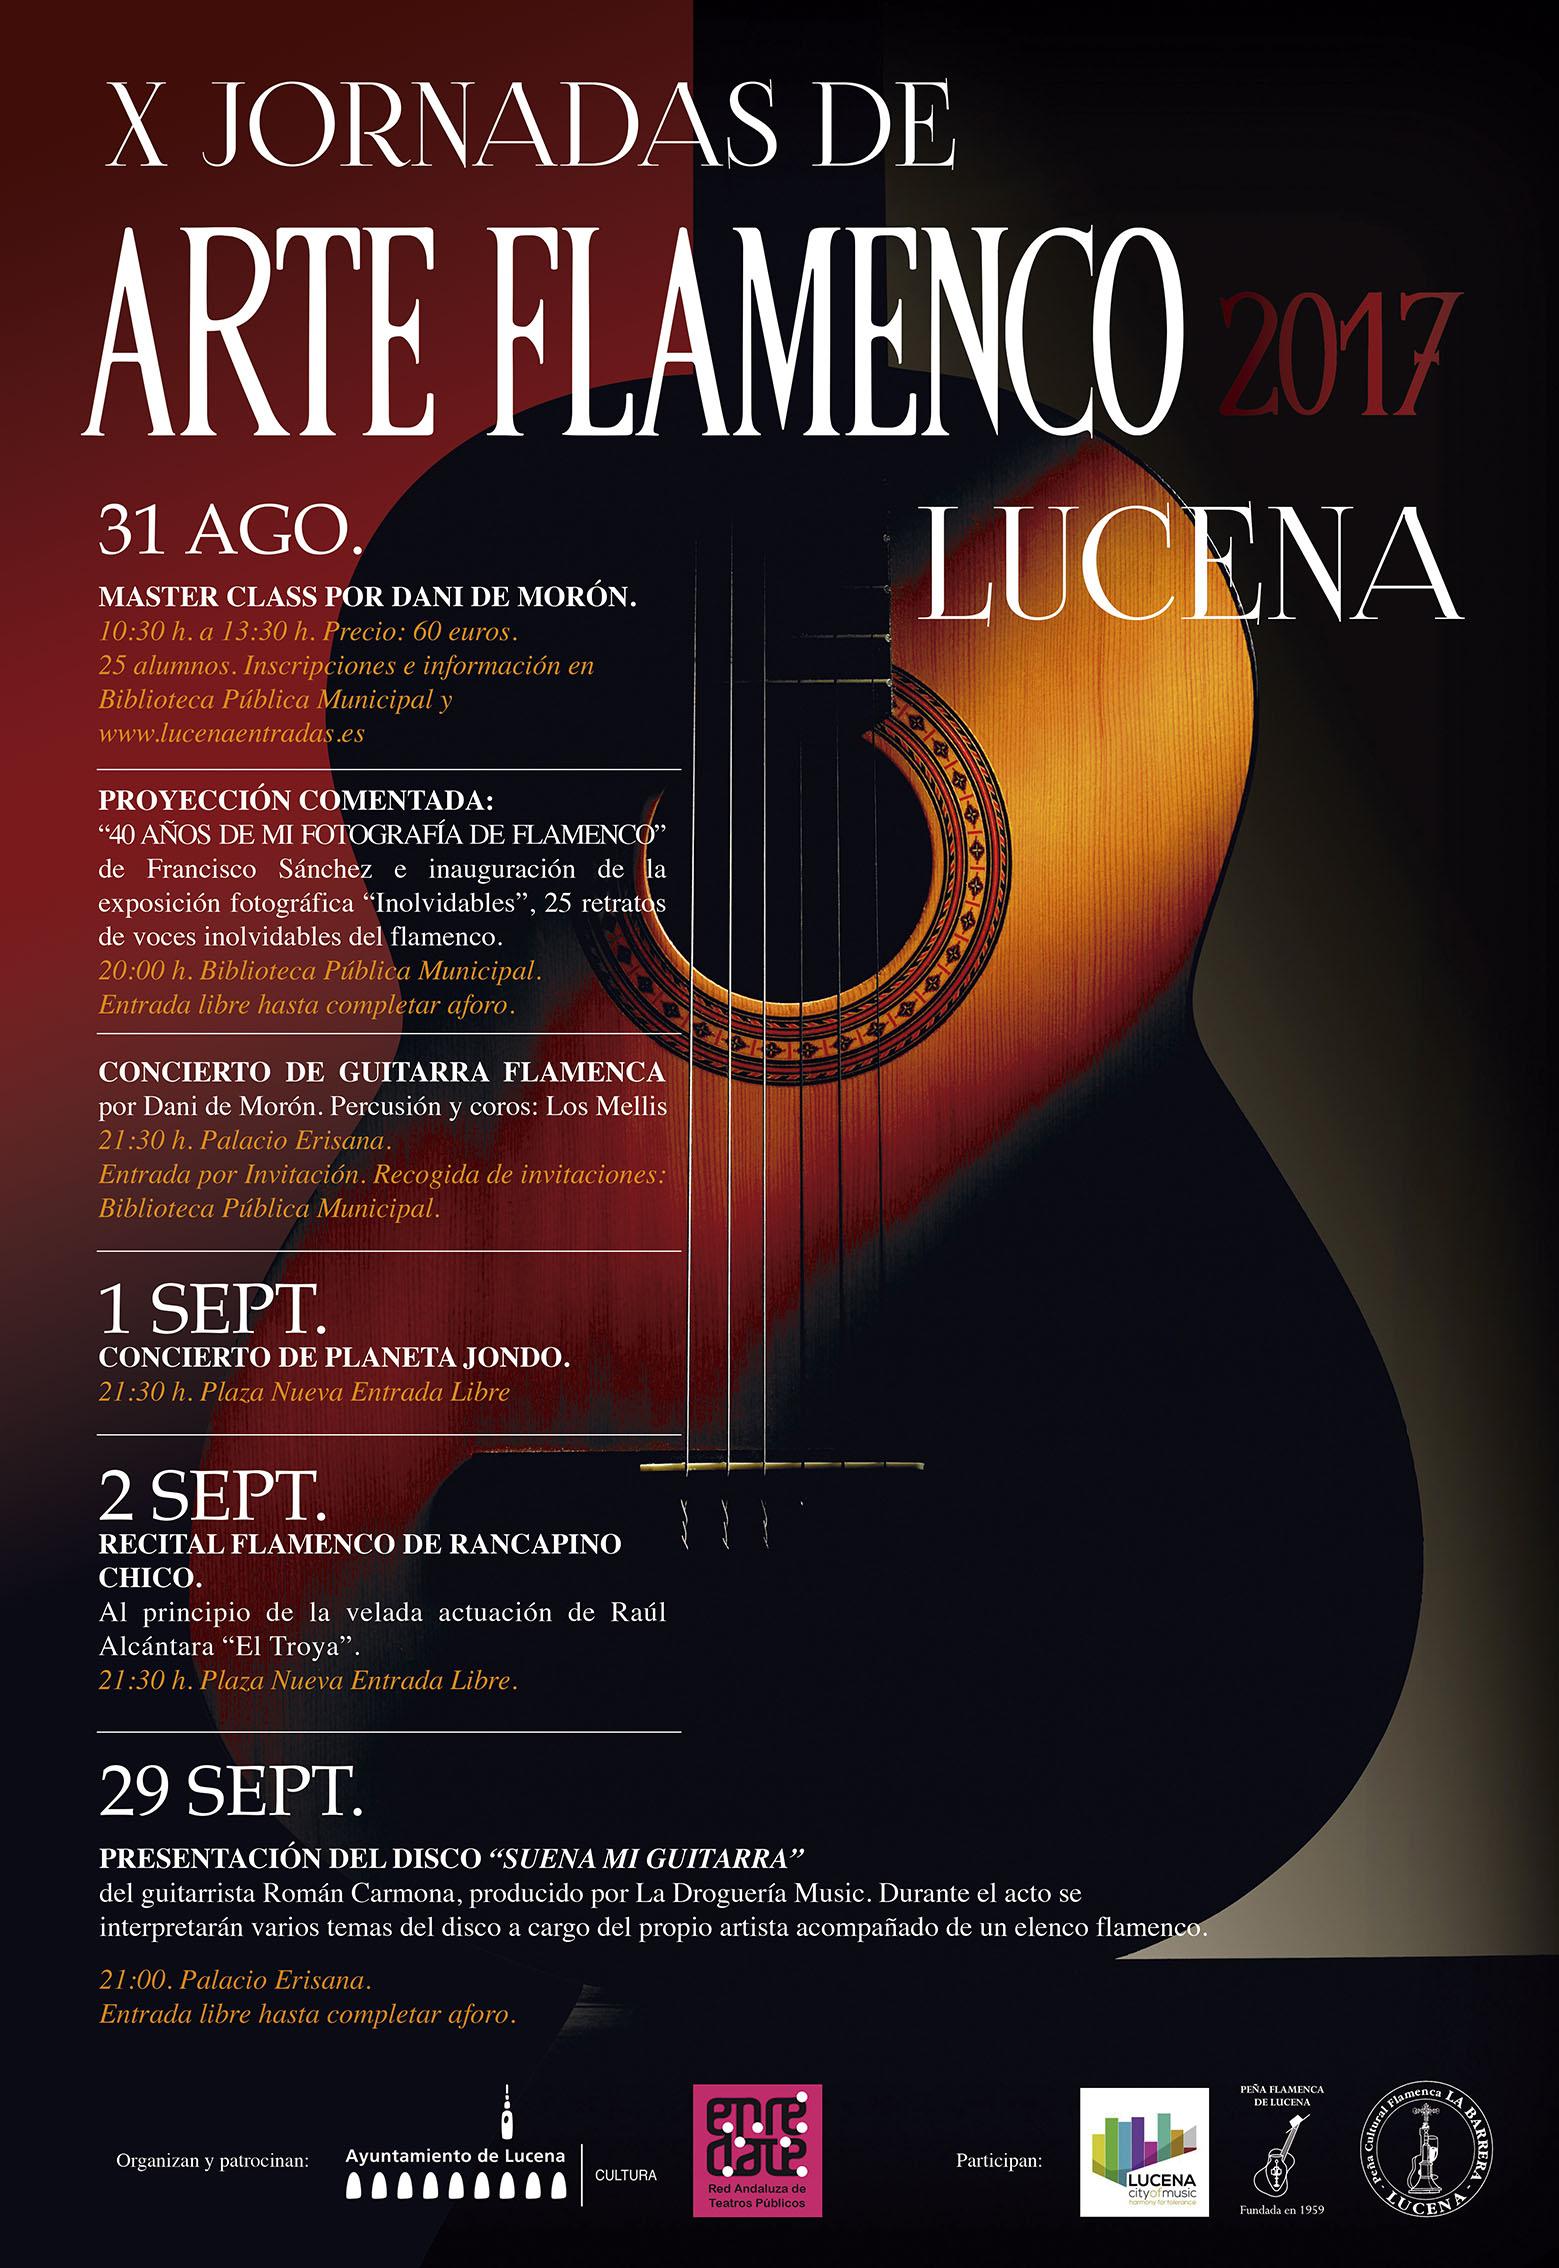 X Jornadas de Arte Flamenco: Recital de Flamenco de Rancapino Chico @ Plaza Nueva